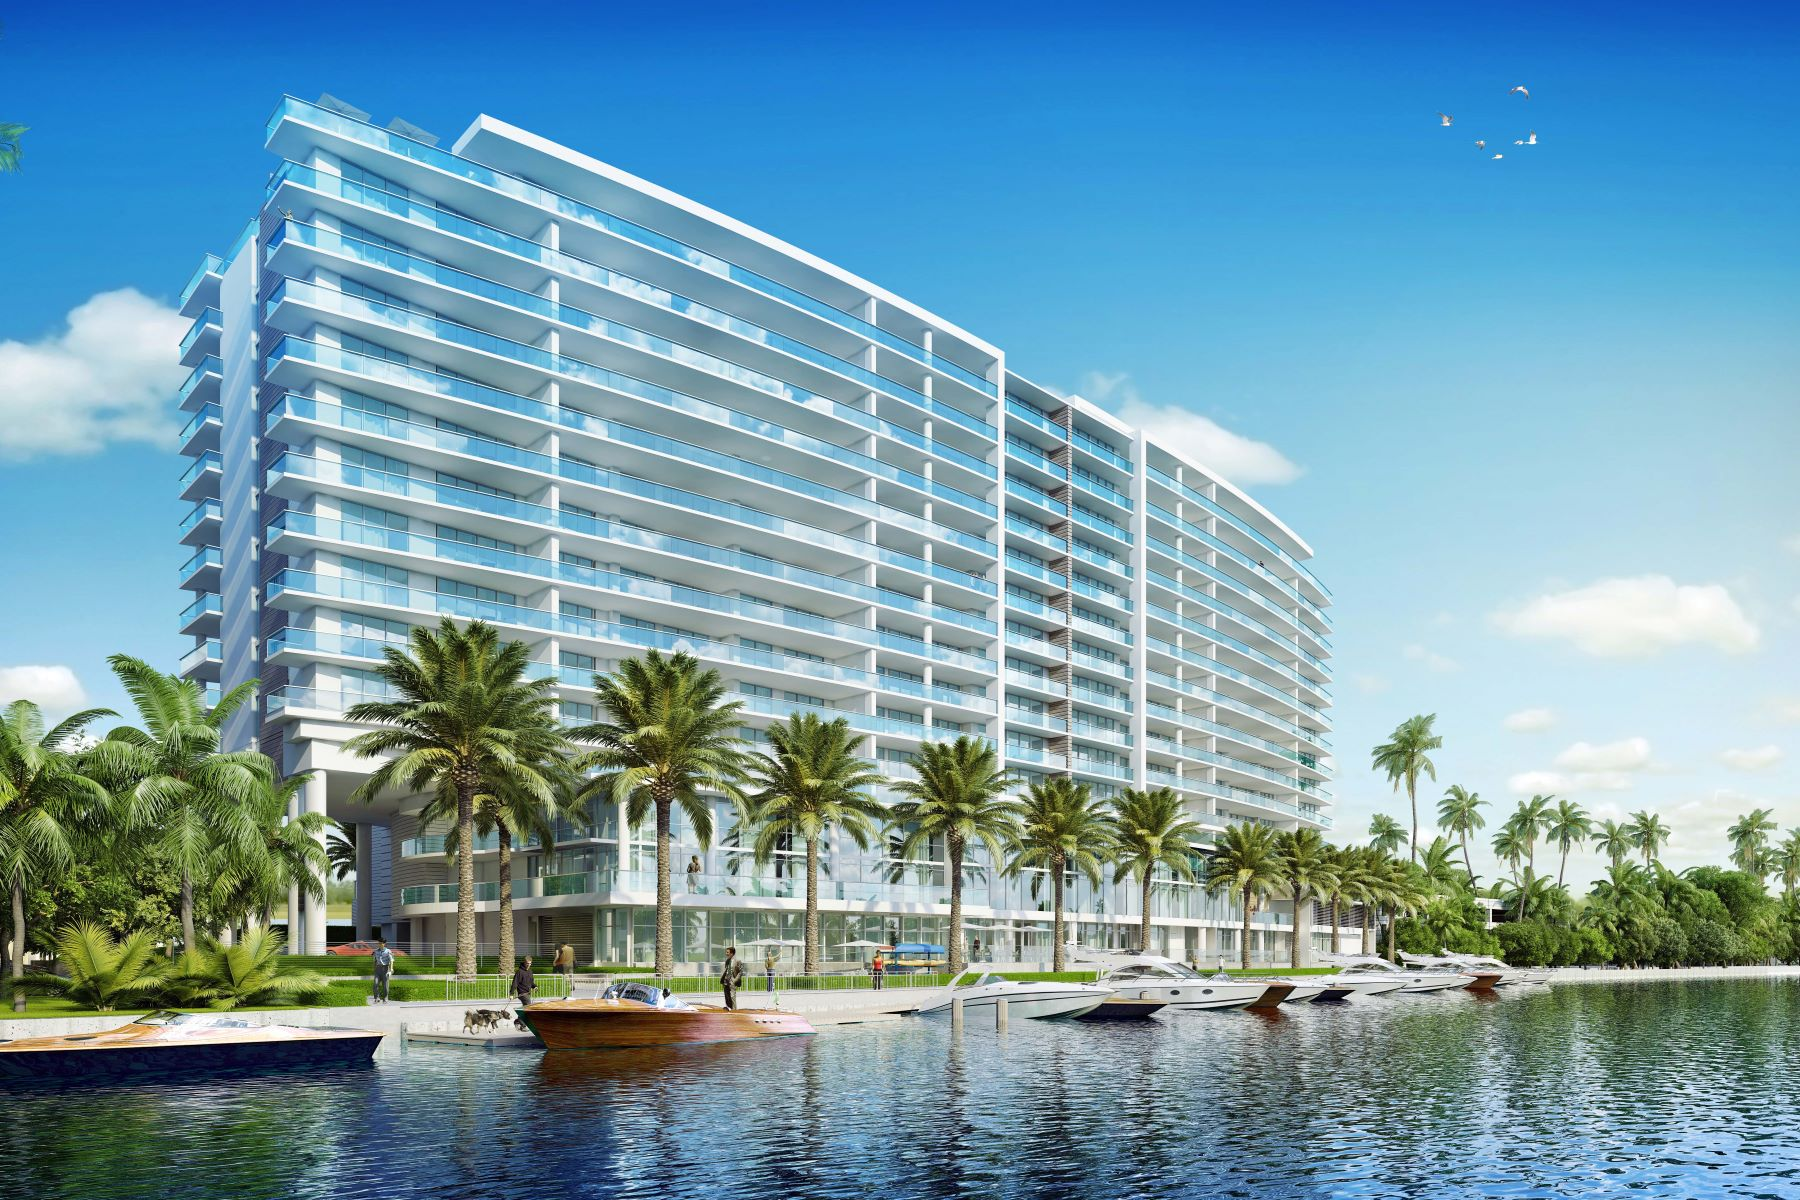 Wohnung für Verkauf beim 1180 N Federal Hy #708 1180 N Federal Hy 708 Fort Lauderdale, Florida, 33304 Vereinigte Staaten